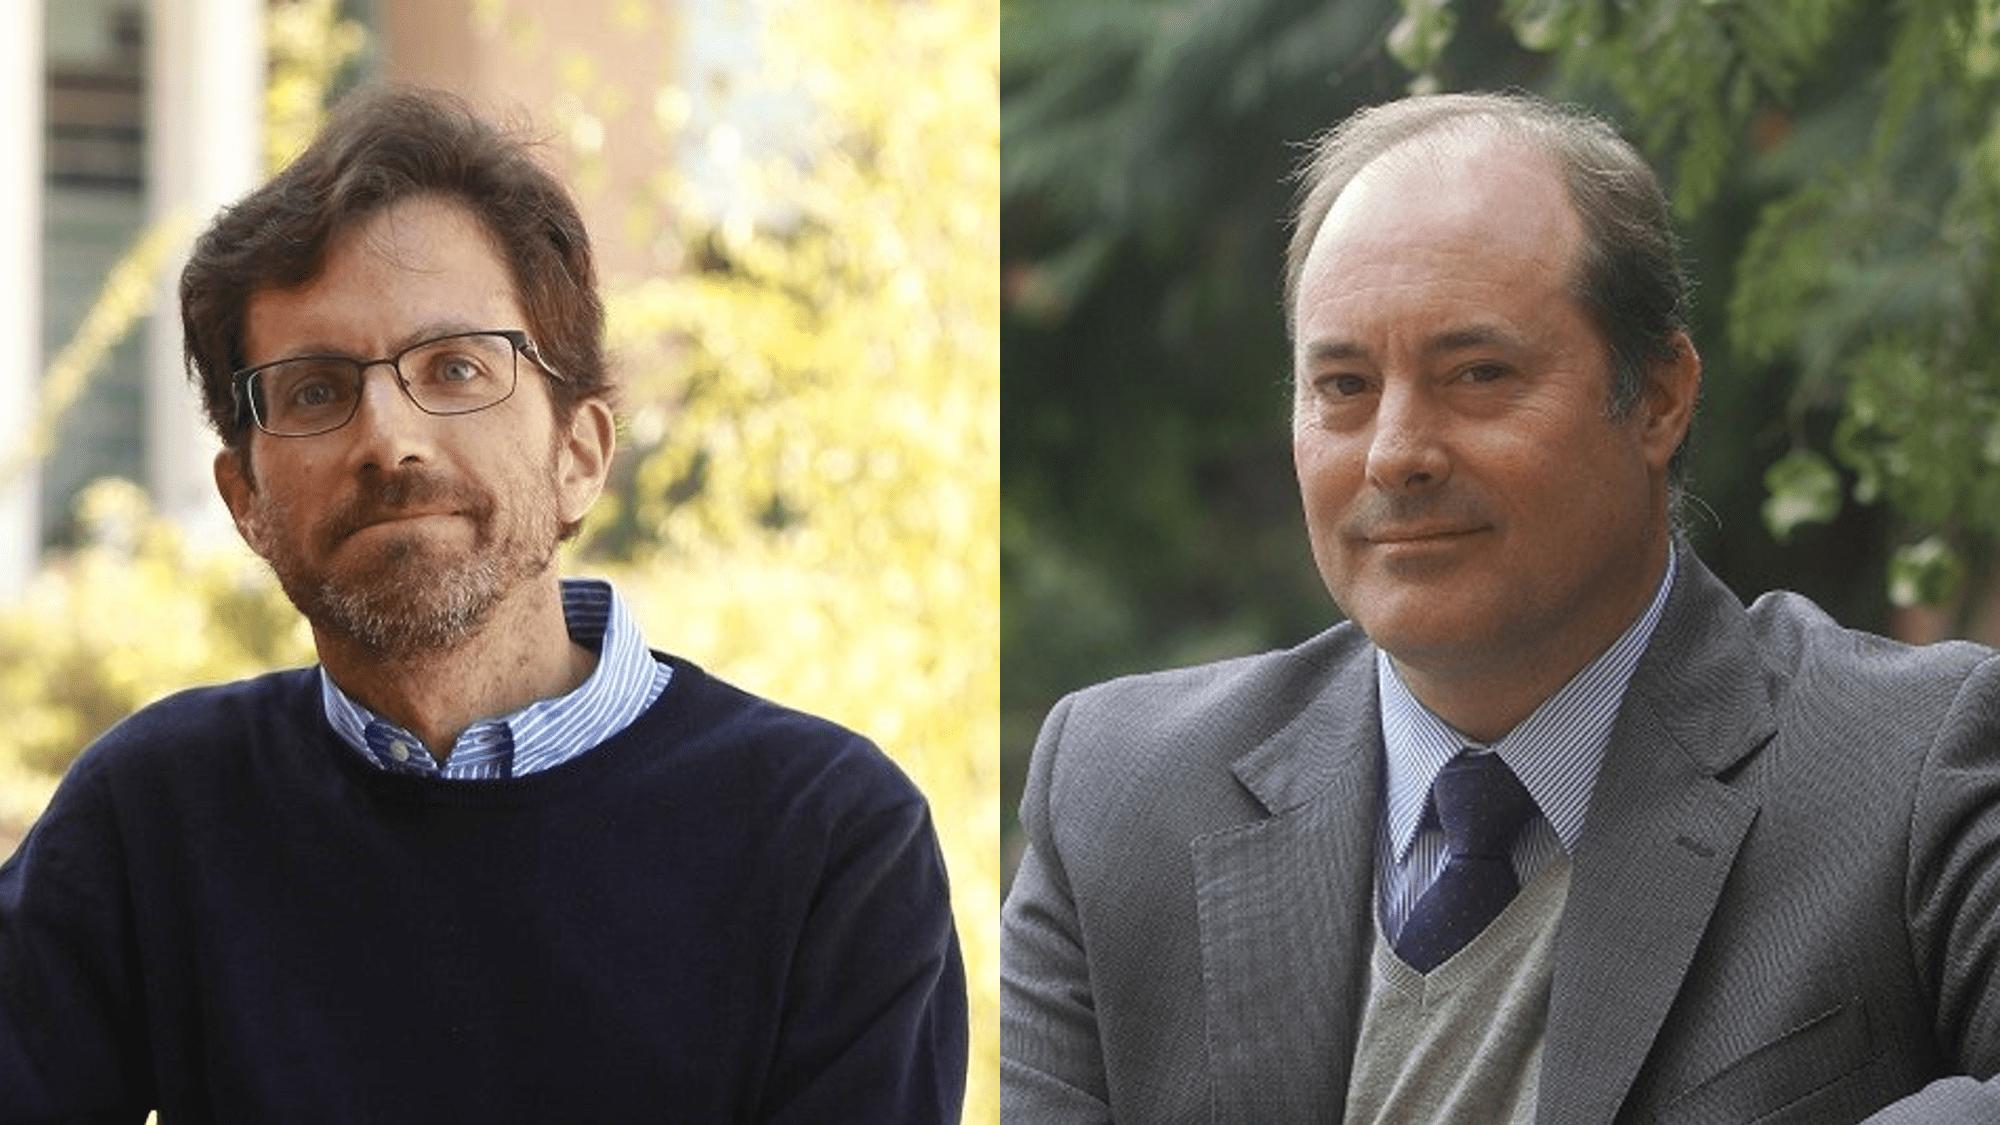 Jaime Cisternas y Jaime Anguita, académicos de la Facultad de Ingeniería y Ciencias Aplicadas de la Universidad de los Andes.